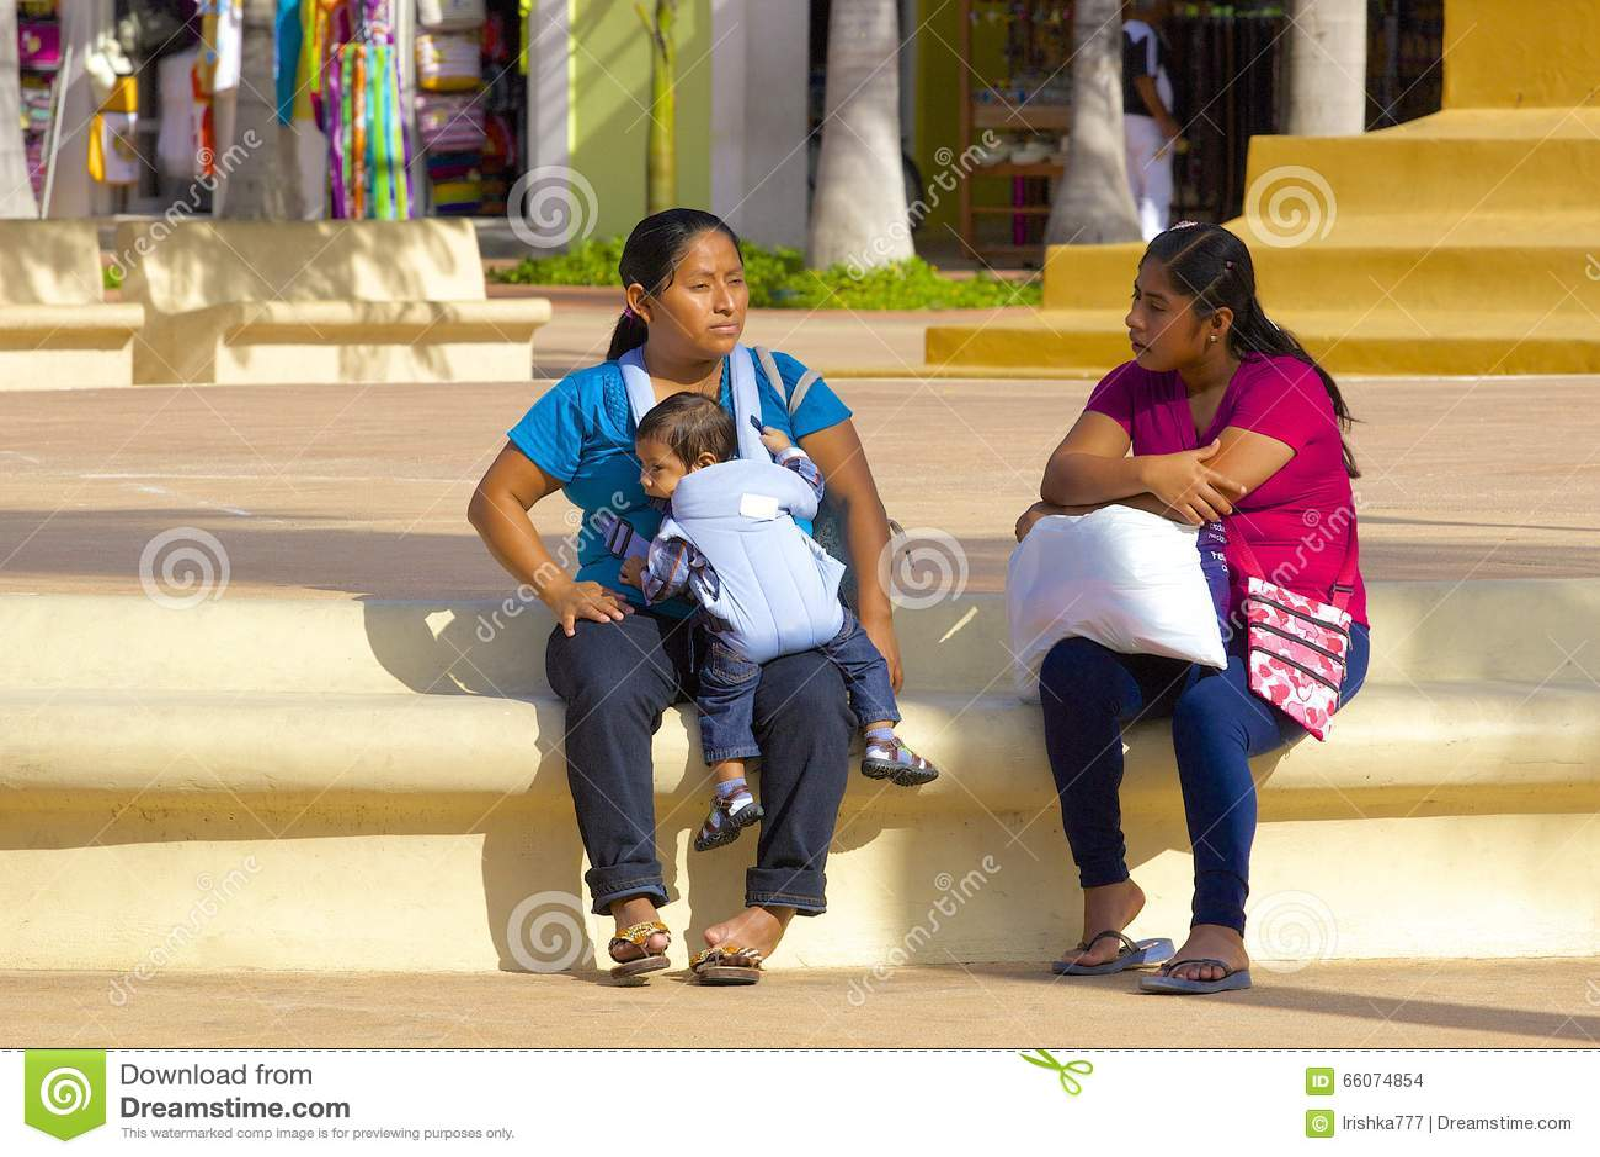 Indígenas en Cozumel, México, del Caribe